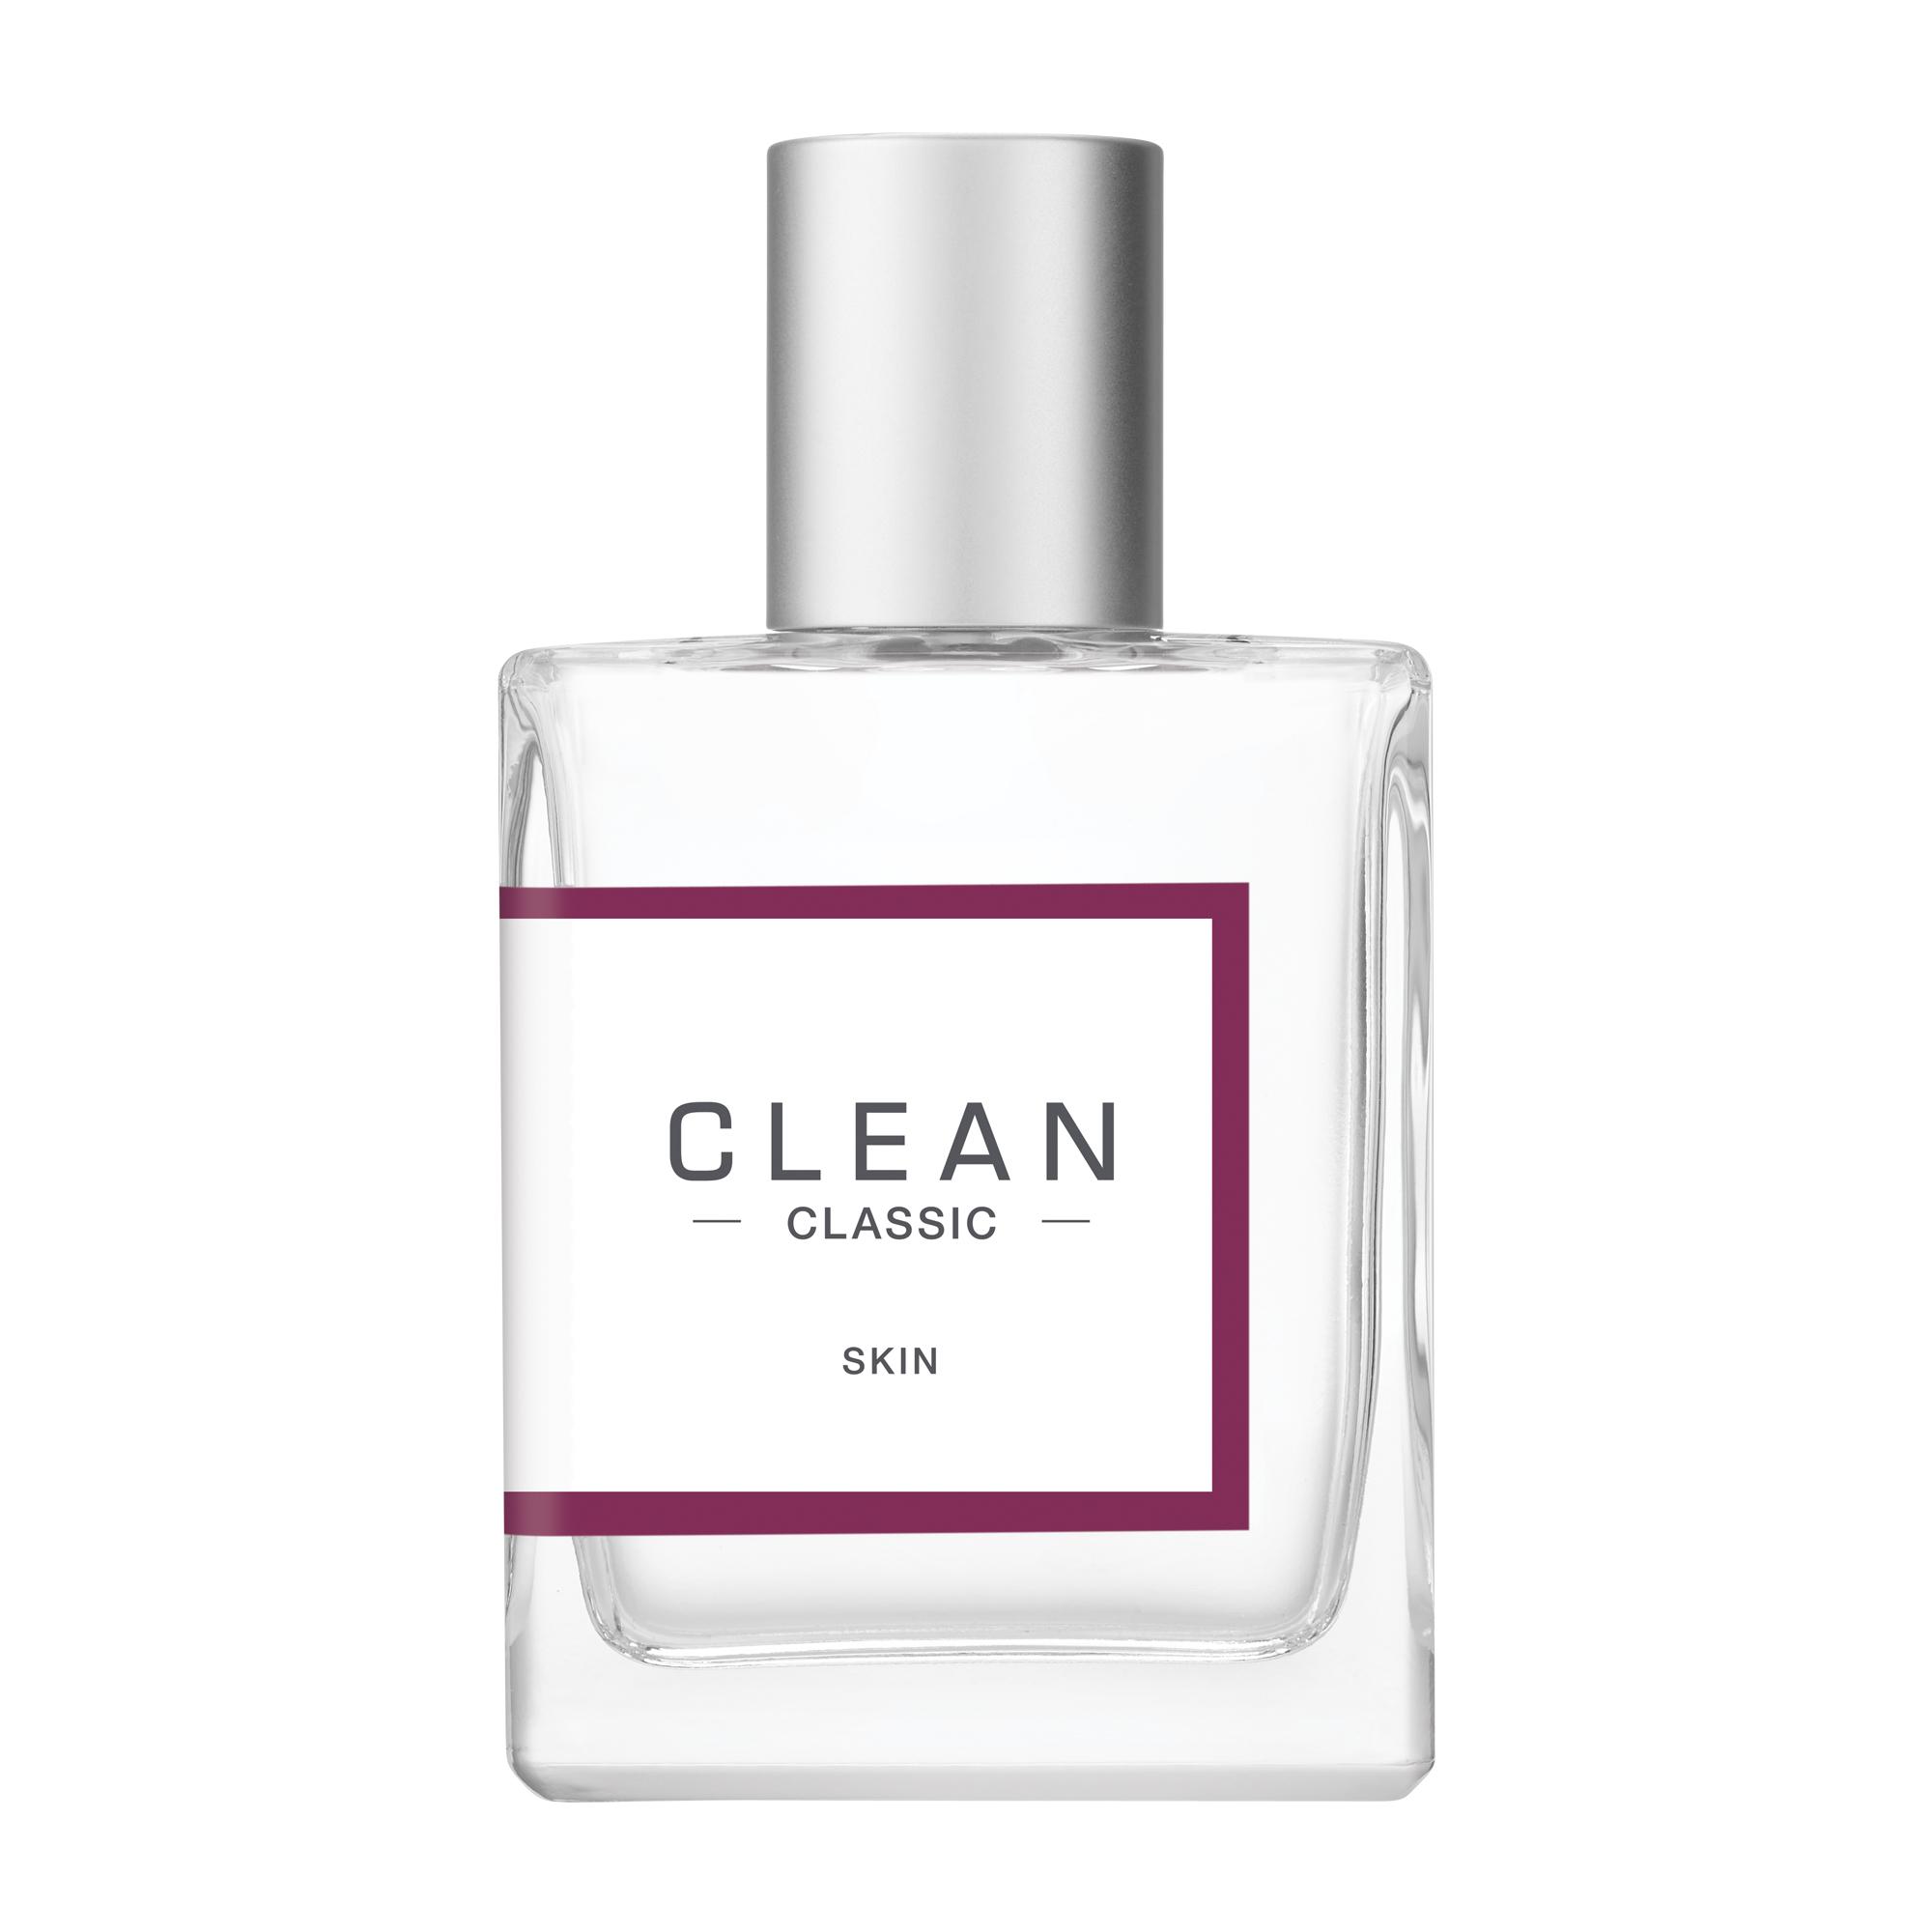 Clean - Skin EDP 30 ml